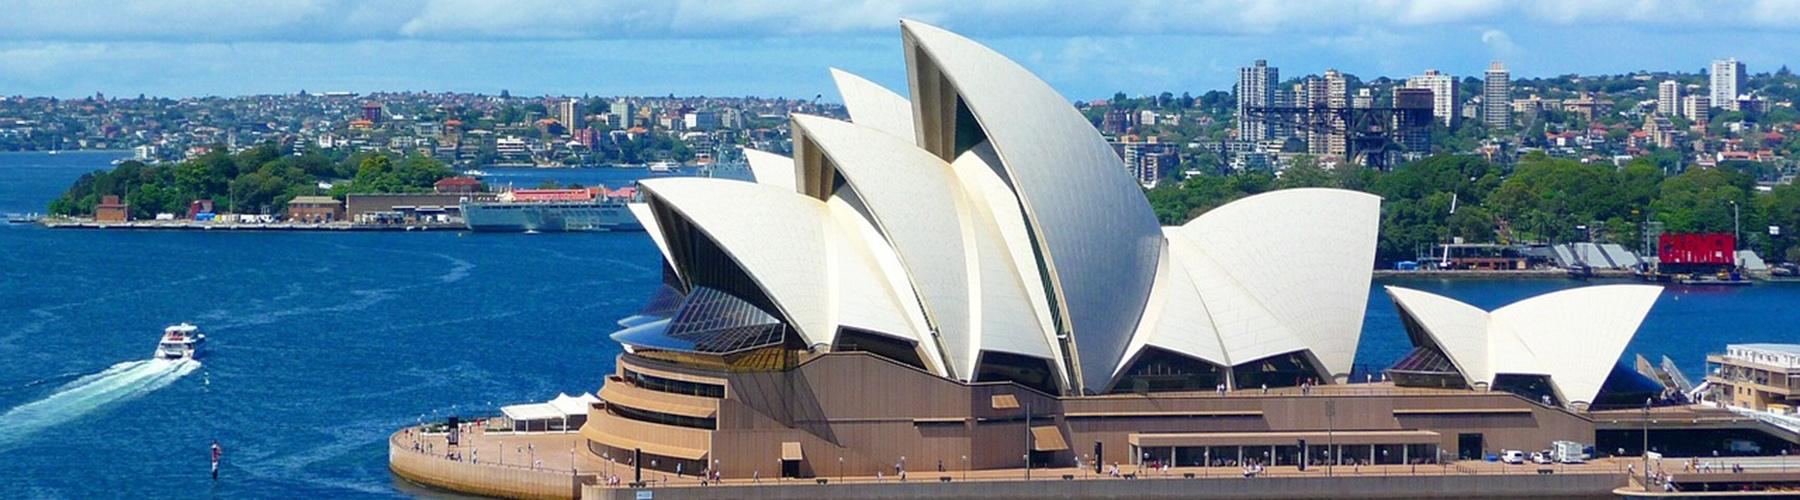 Sydney – Hostellit lähellä maamerkkiä Sydneyn oopperatalo. Sydney -karttoja, valokuvia ja arvosteluja kaikista Sydney -hostelleista.